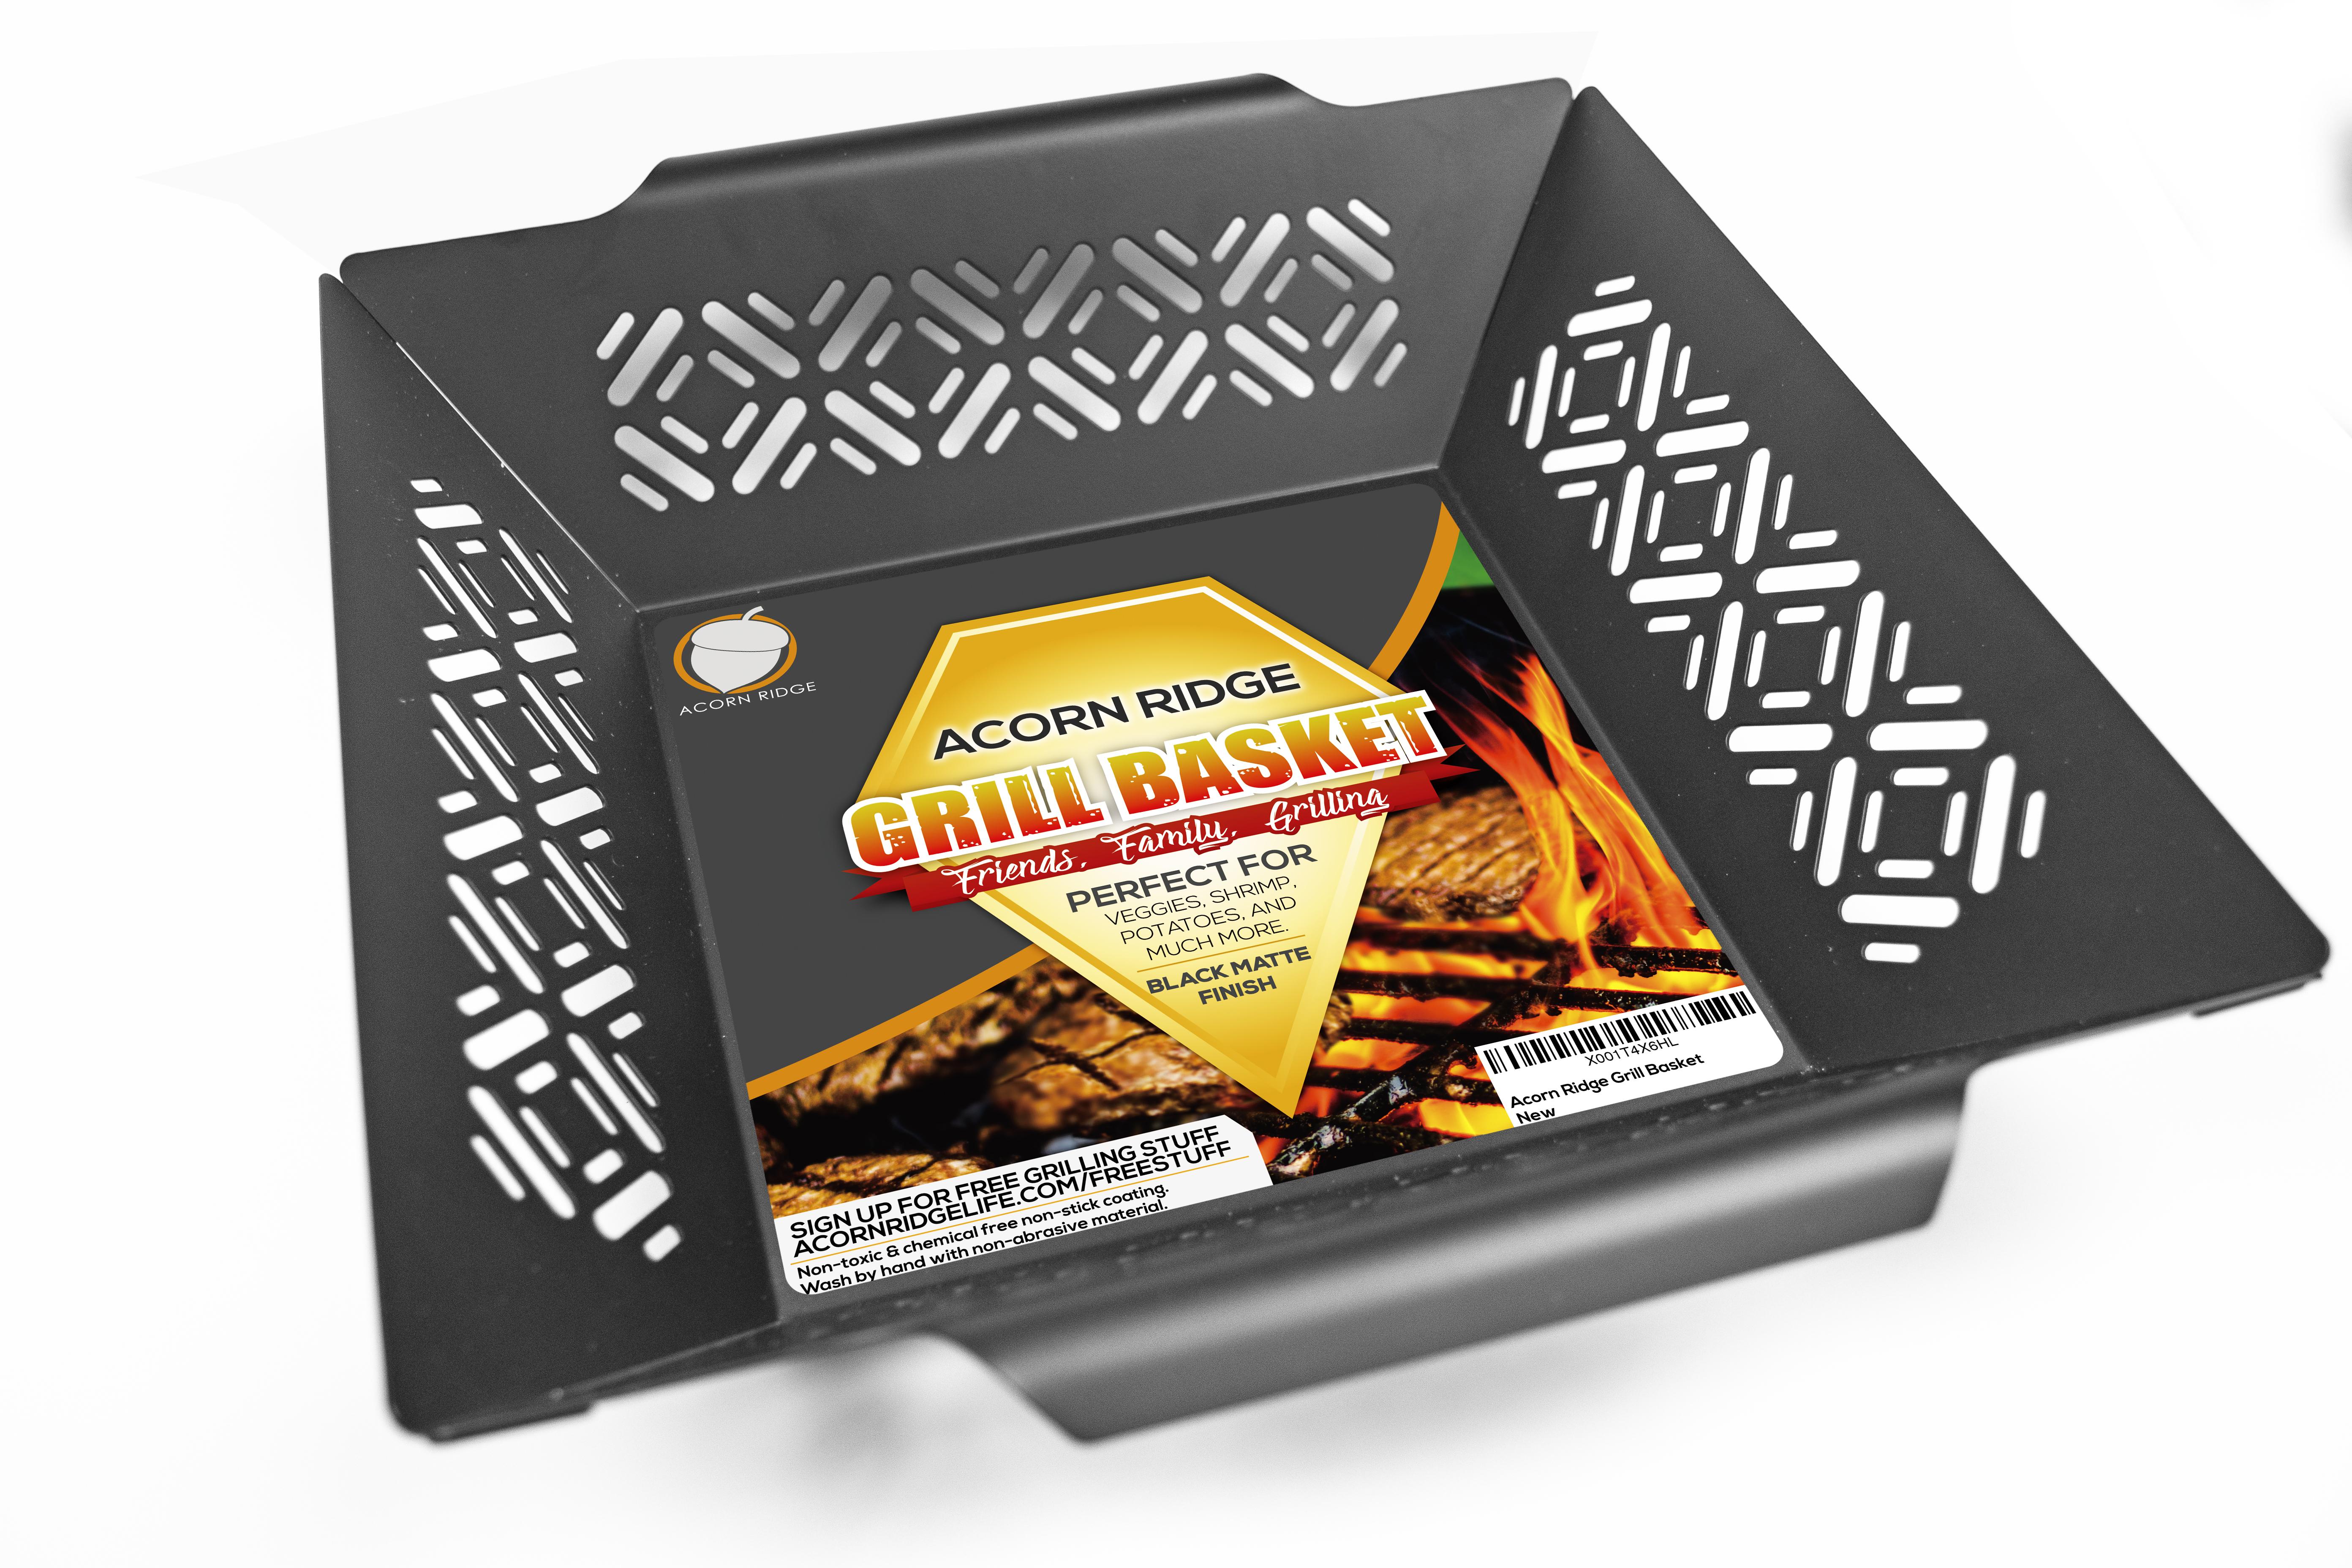 acorngrillbasket_1 package